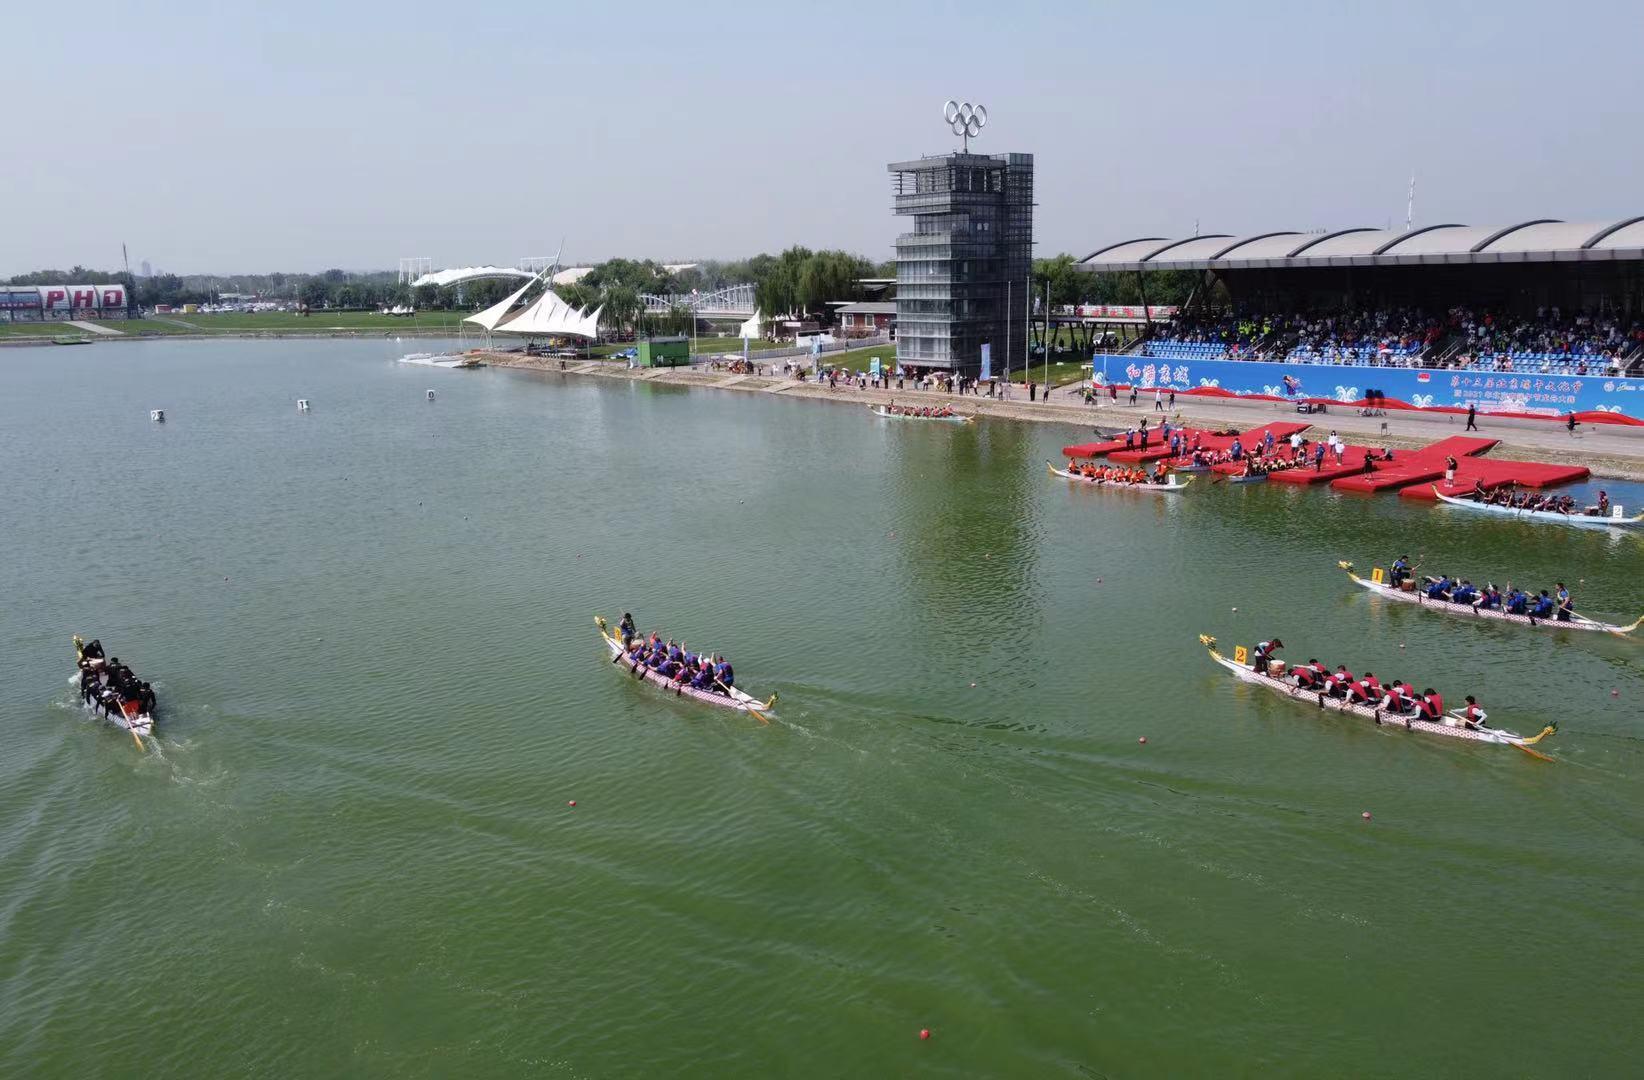 顺义奥林匹克水上公园,龙舟竞渡迎端午!